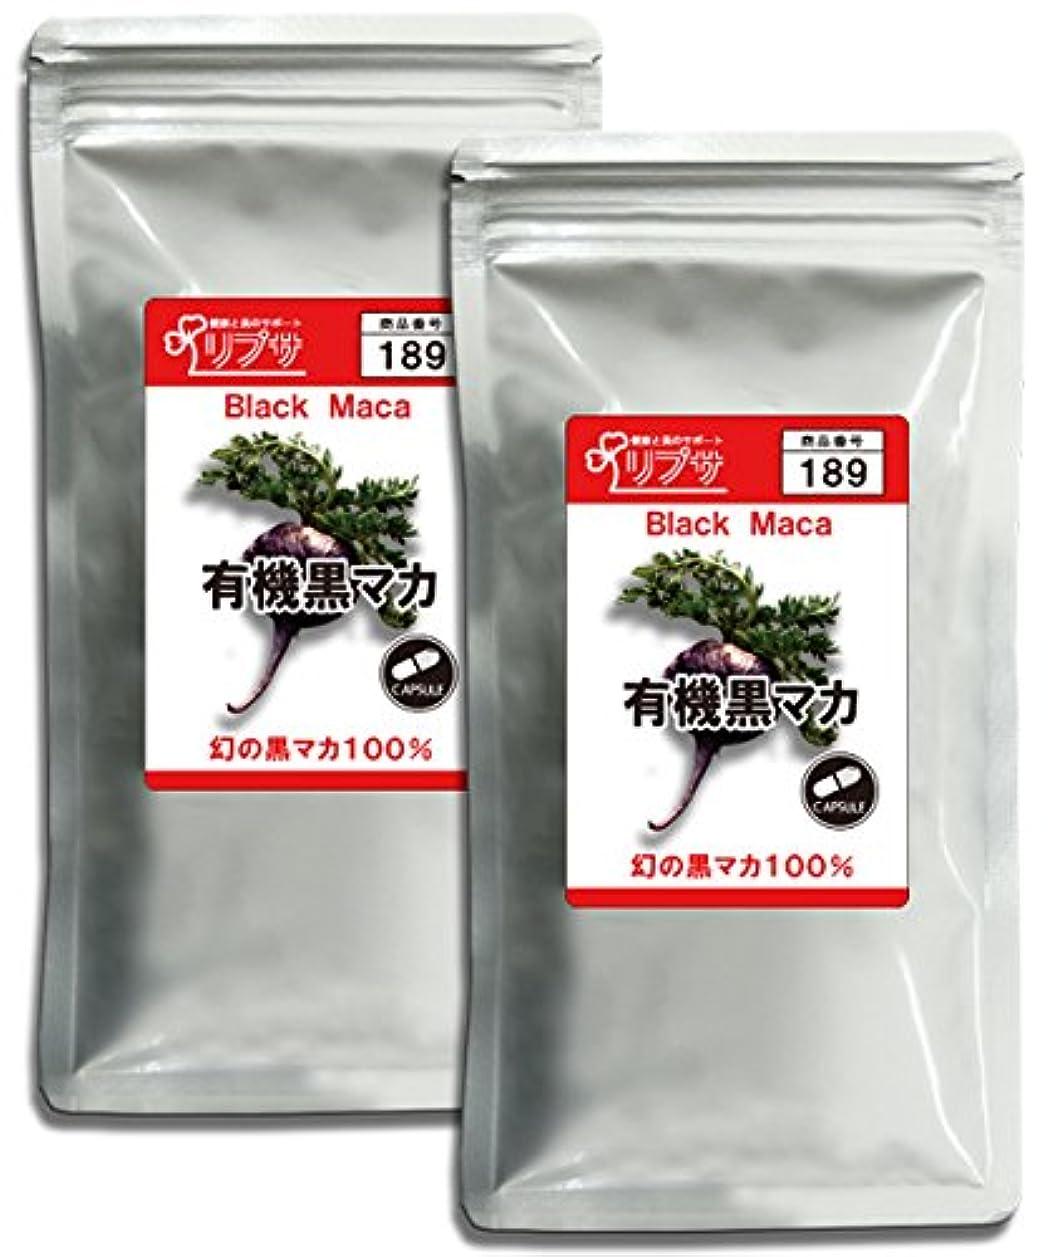 小包余韻葡萄有機黒マカ 約3か月分×2袋 C-189-2